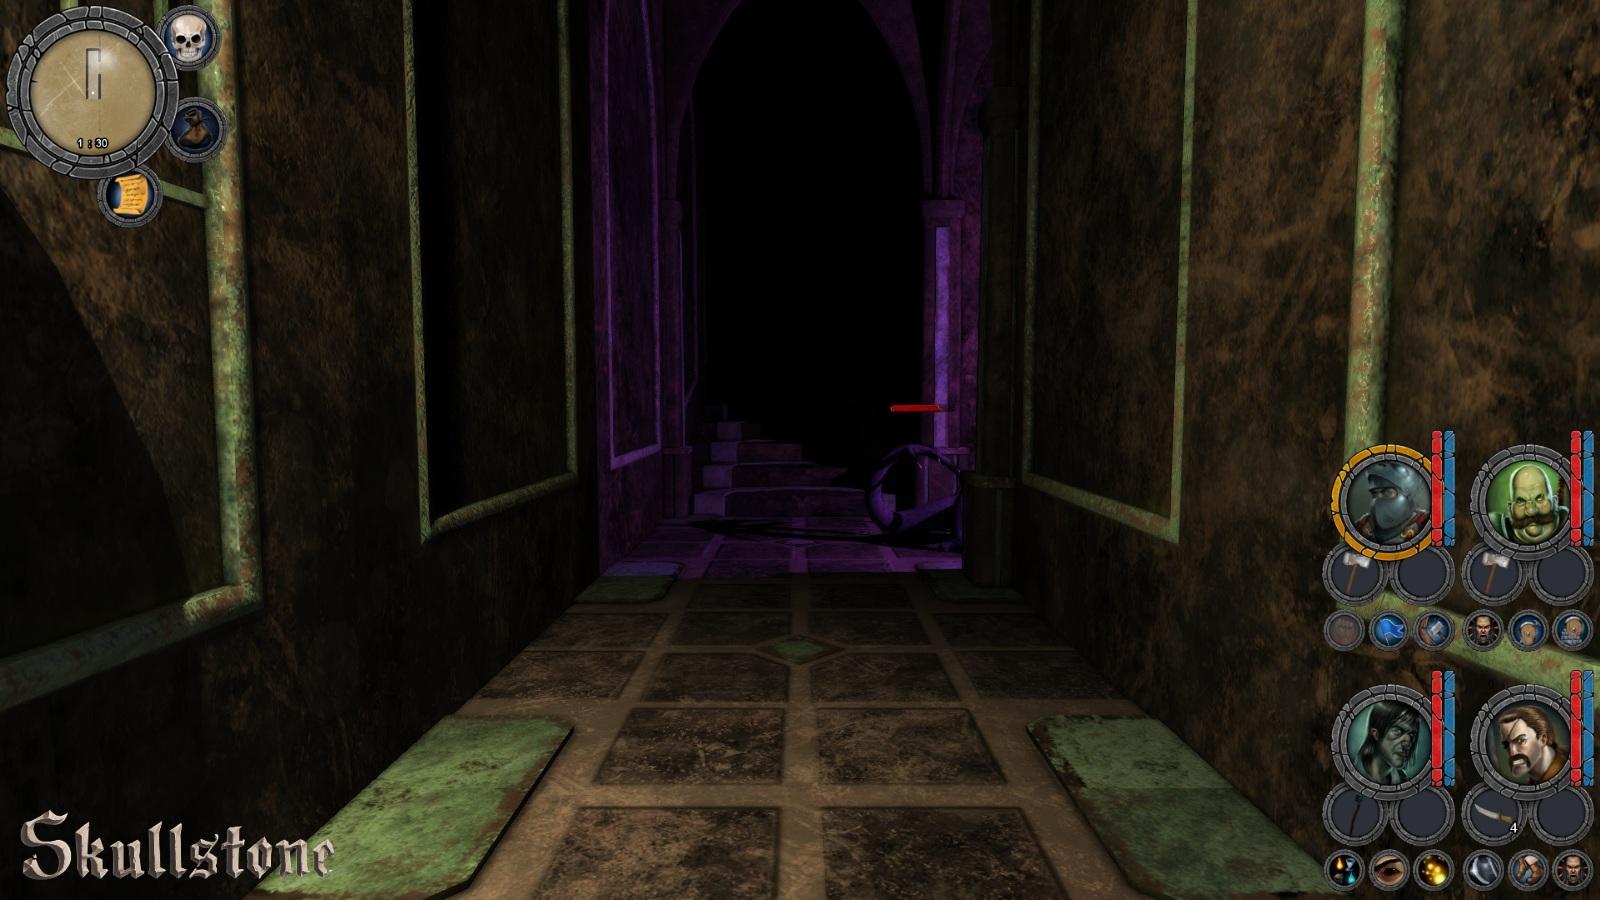 skullstone_dungeonB_stairs.jpg